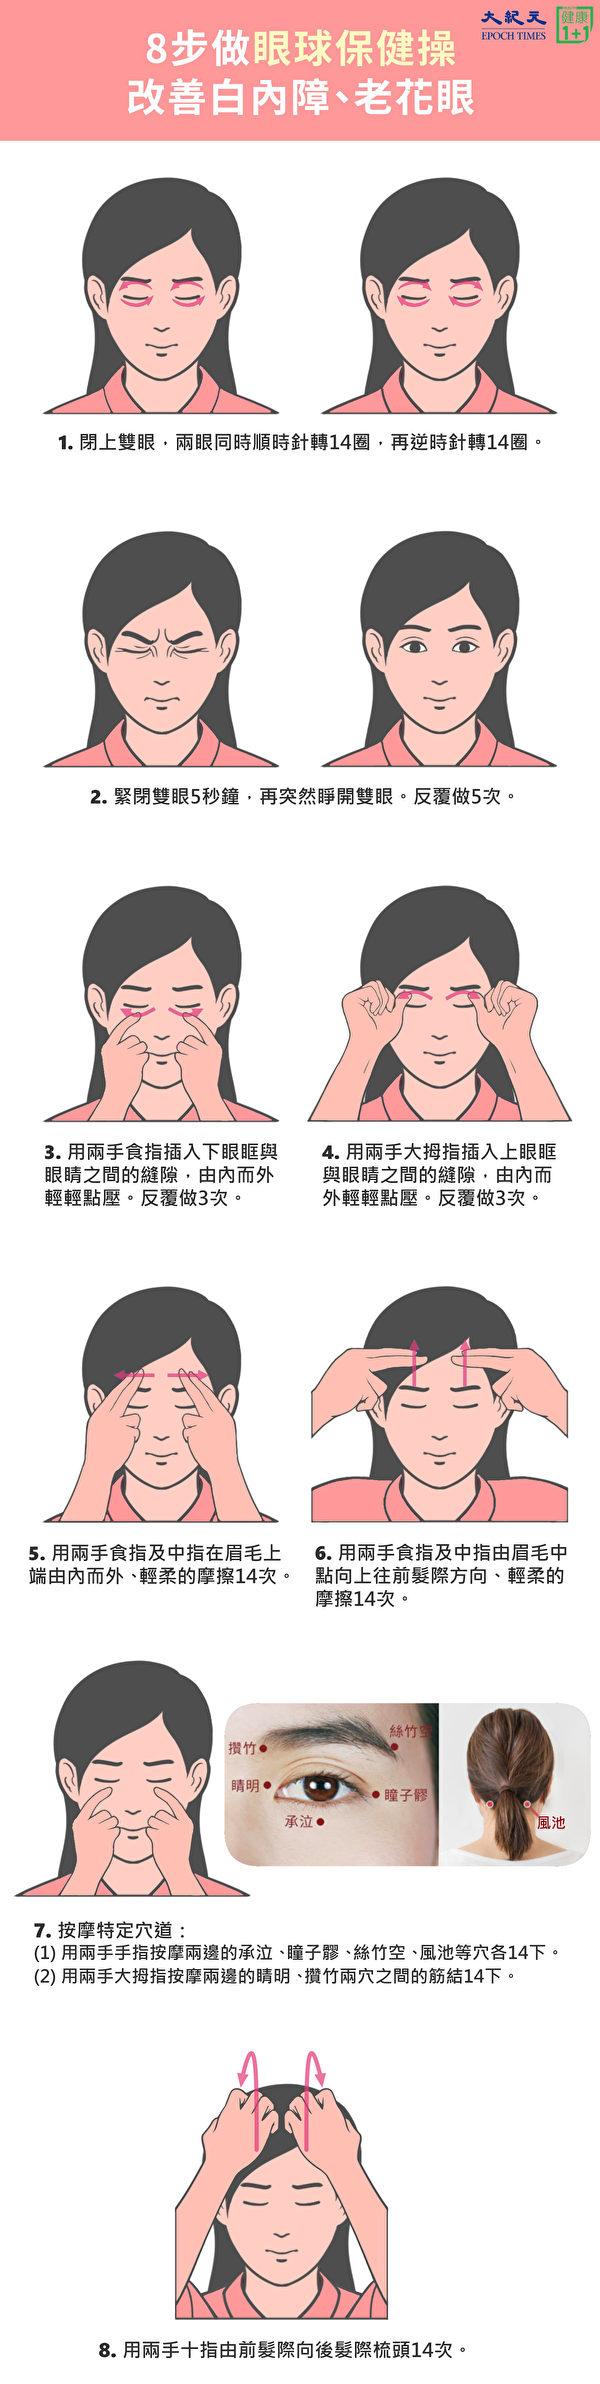 改善白內障、老花眼的眼球保健操。(大紀元製圖)